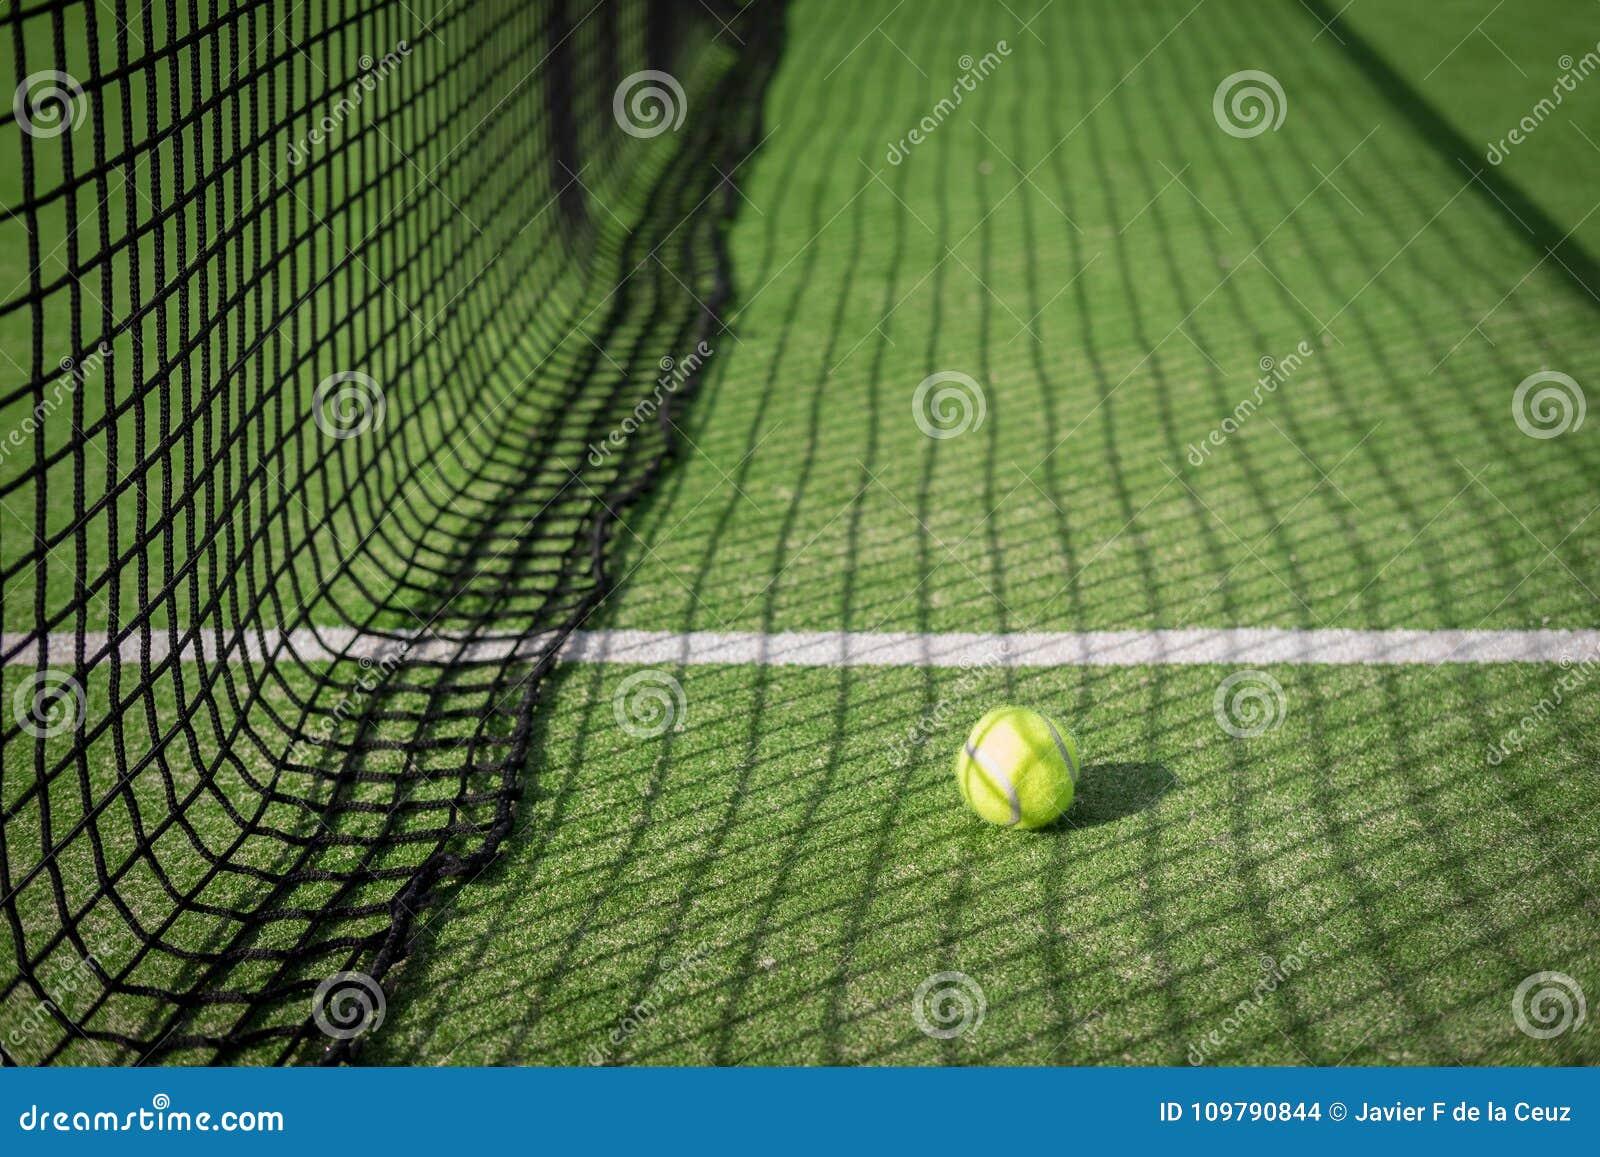 Bata El Campo De Tenis Y La Red Con Una Bola En Sombra Neta Foto Tennis Download